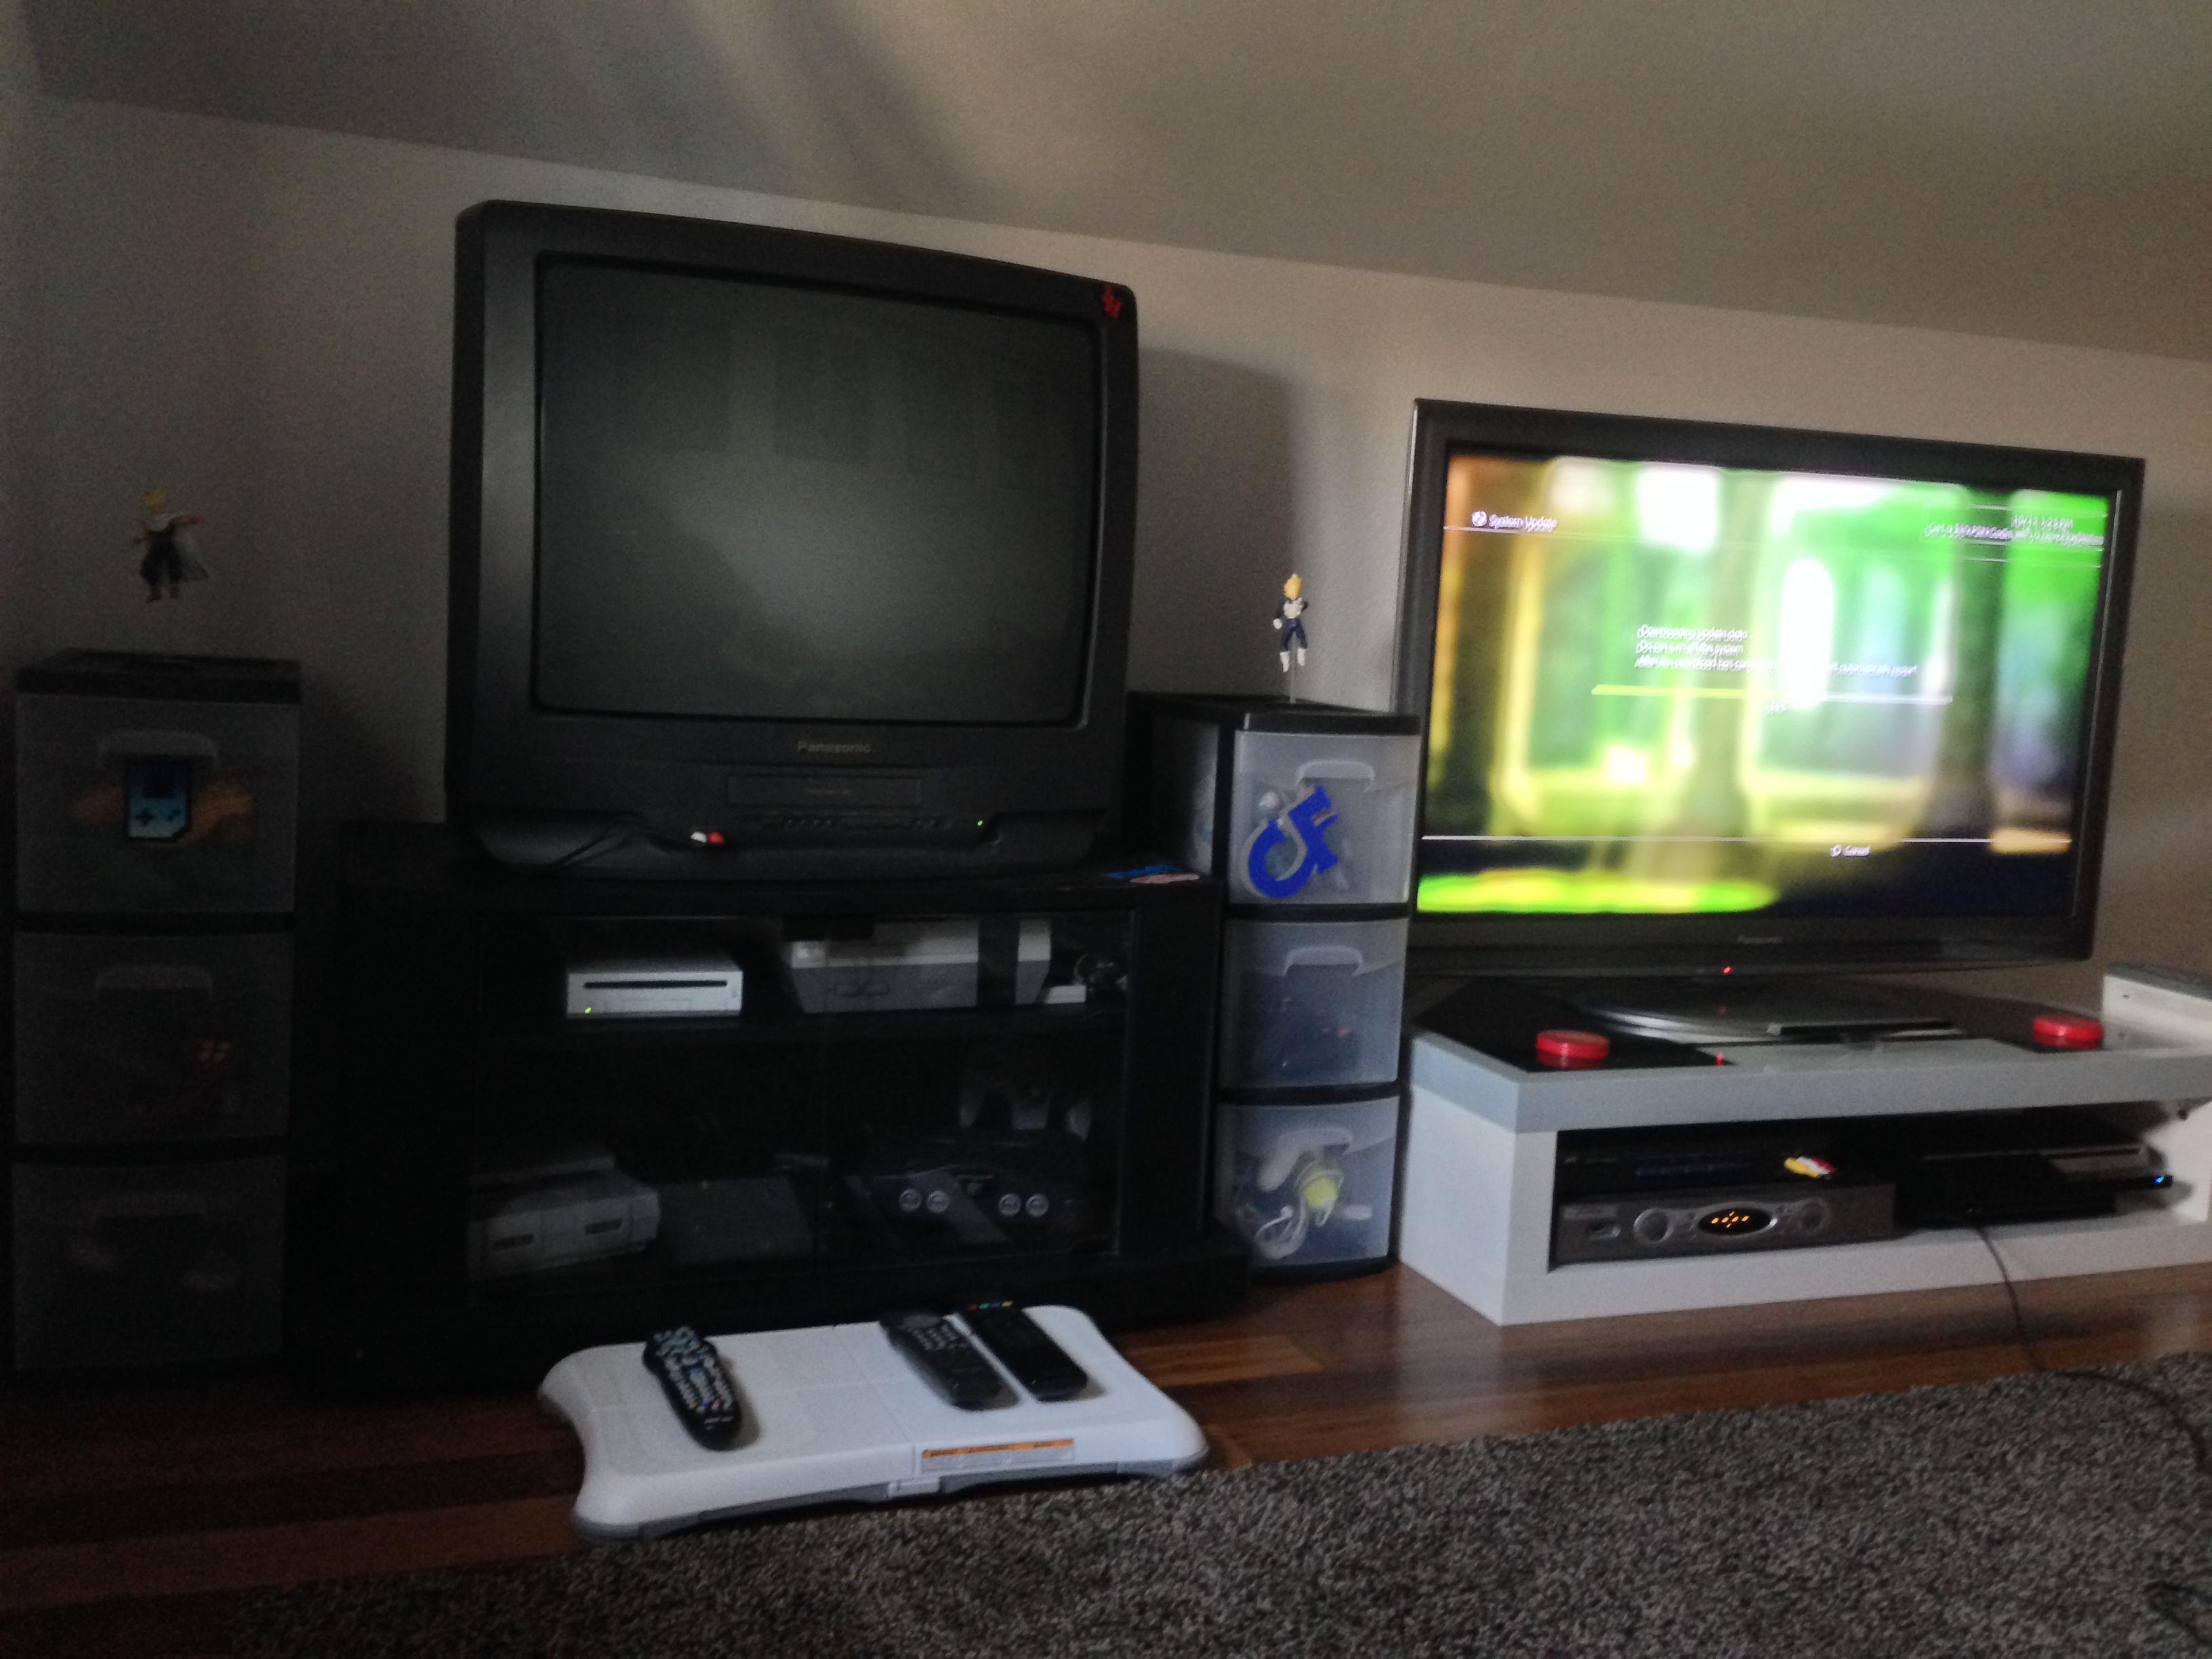 Old & New - TV game system & video gaming setup via Reddit user